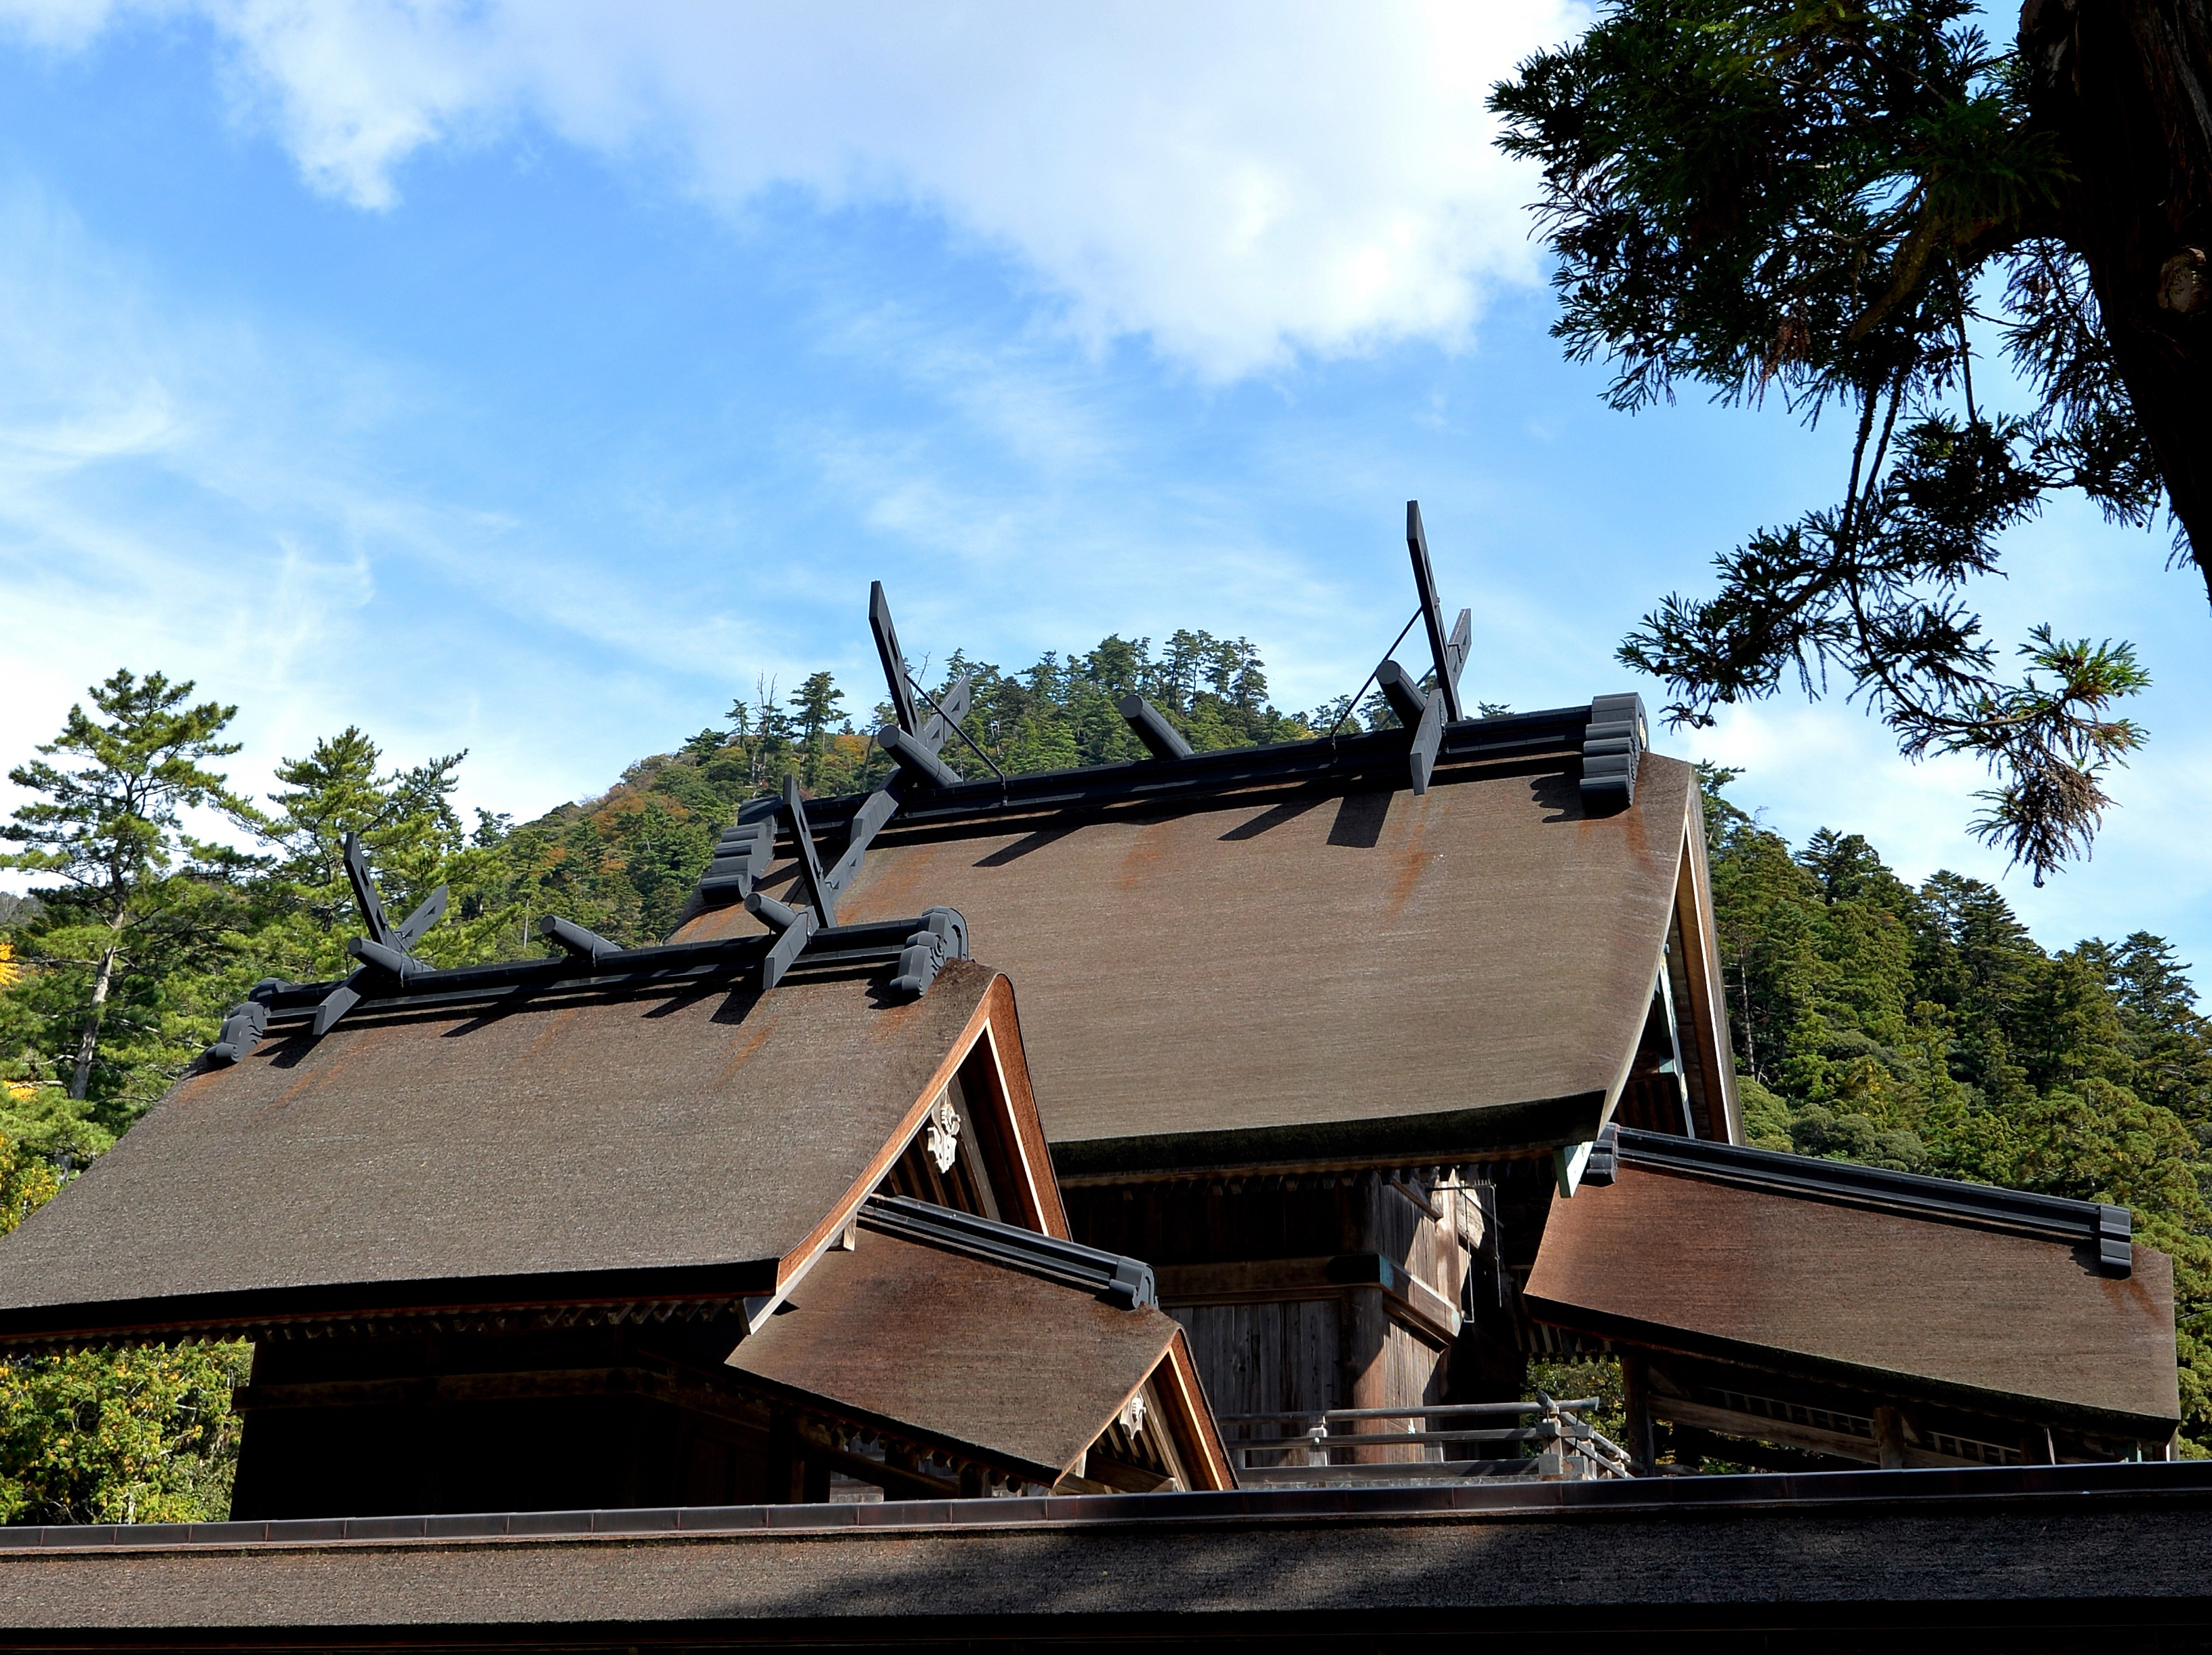 出雲大社本殿は屋根の大きな千木が印象的。写真手前の社にはタギリヒメノミコトが祀られる。